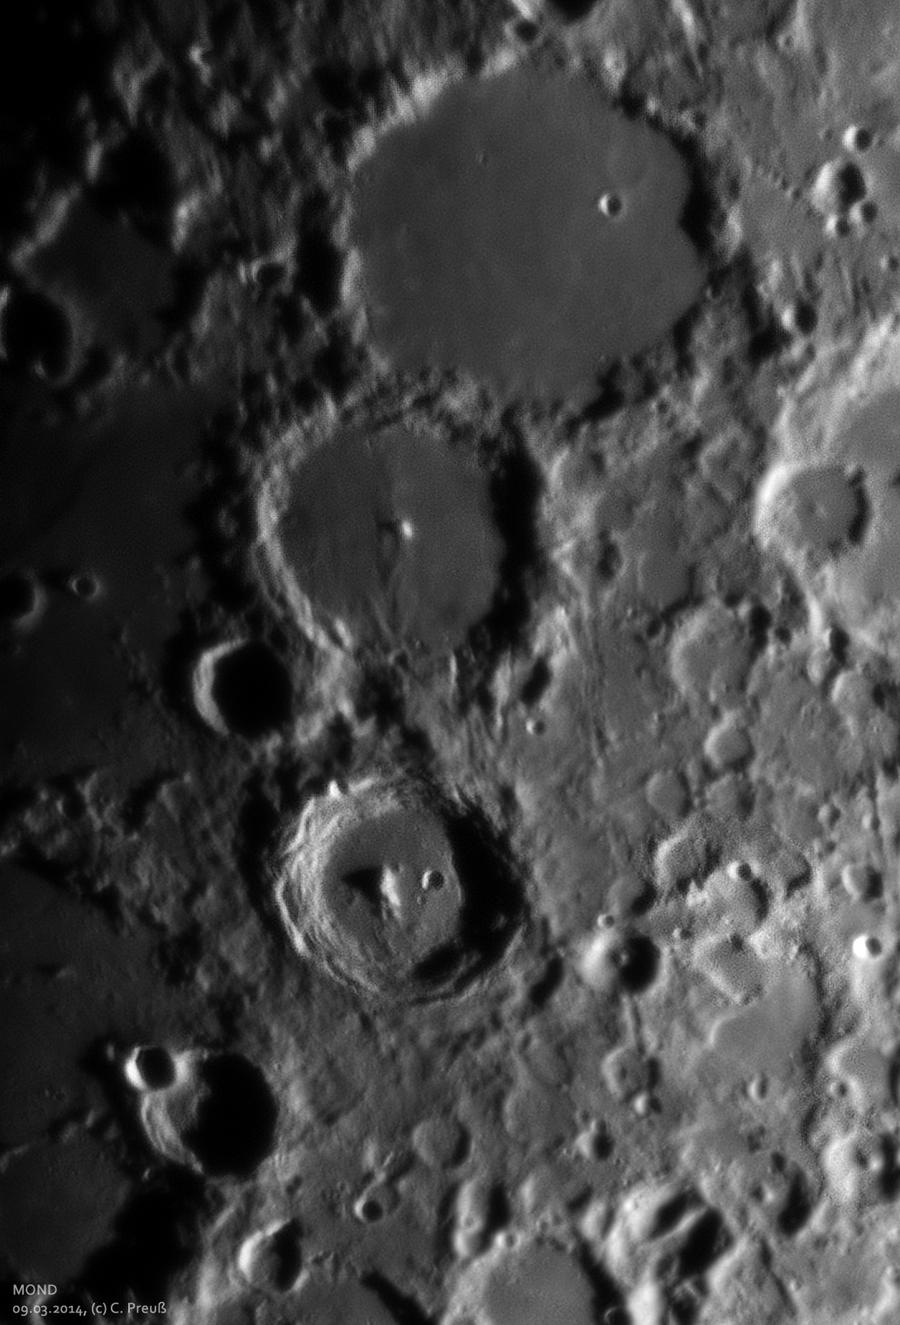 Mond-CPreuss-08